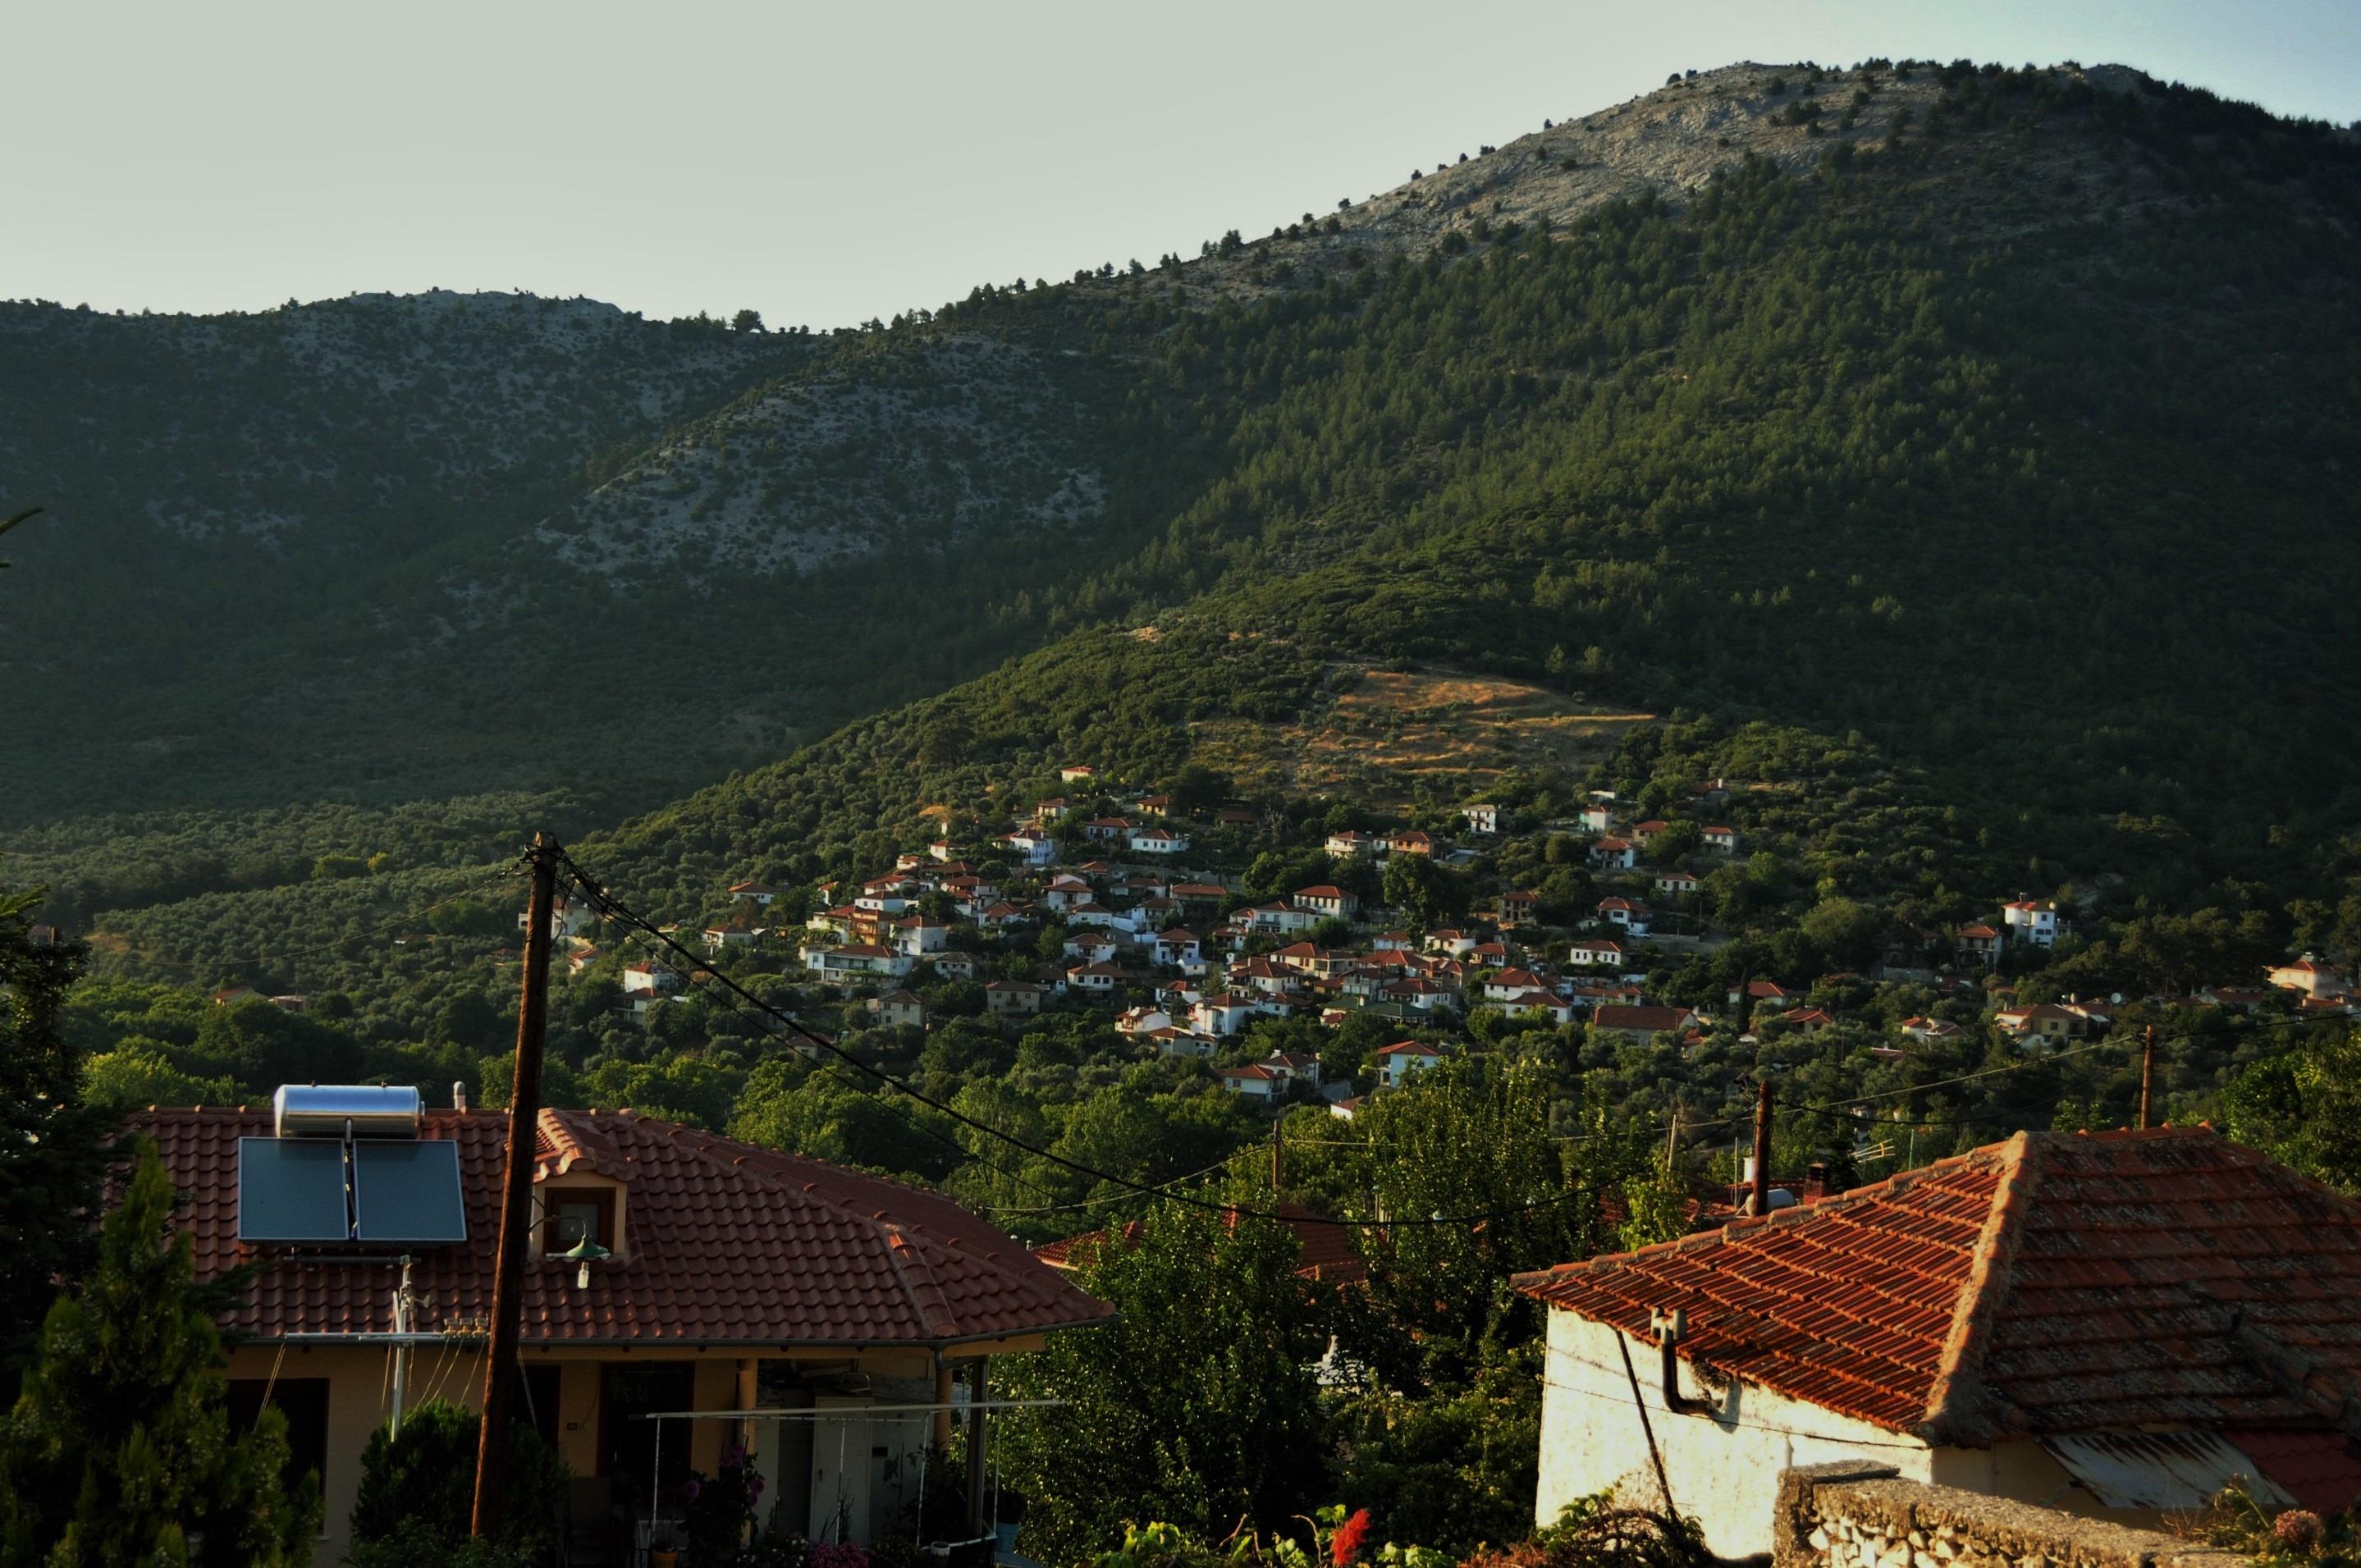 Рахони е още едно сладко планинско село в северозападната част на Тасос...